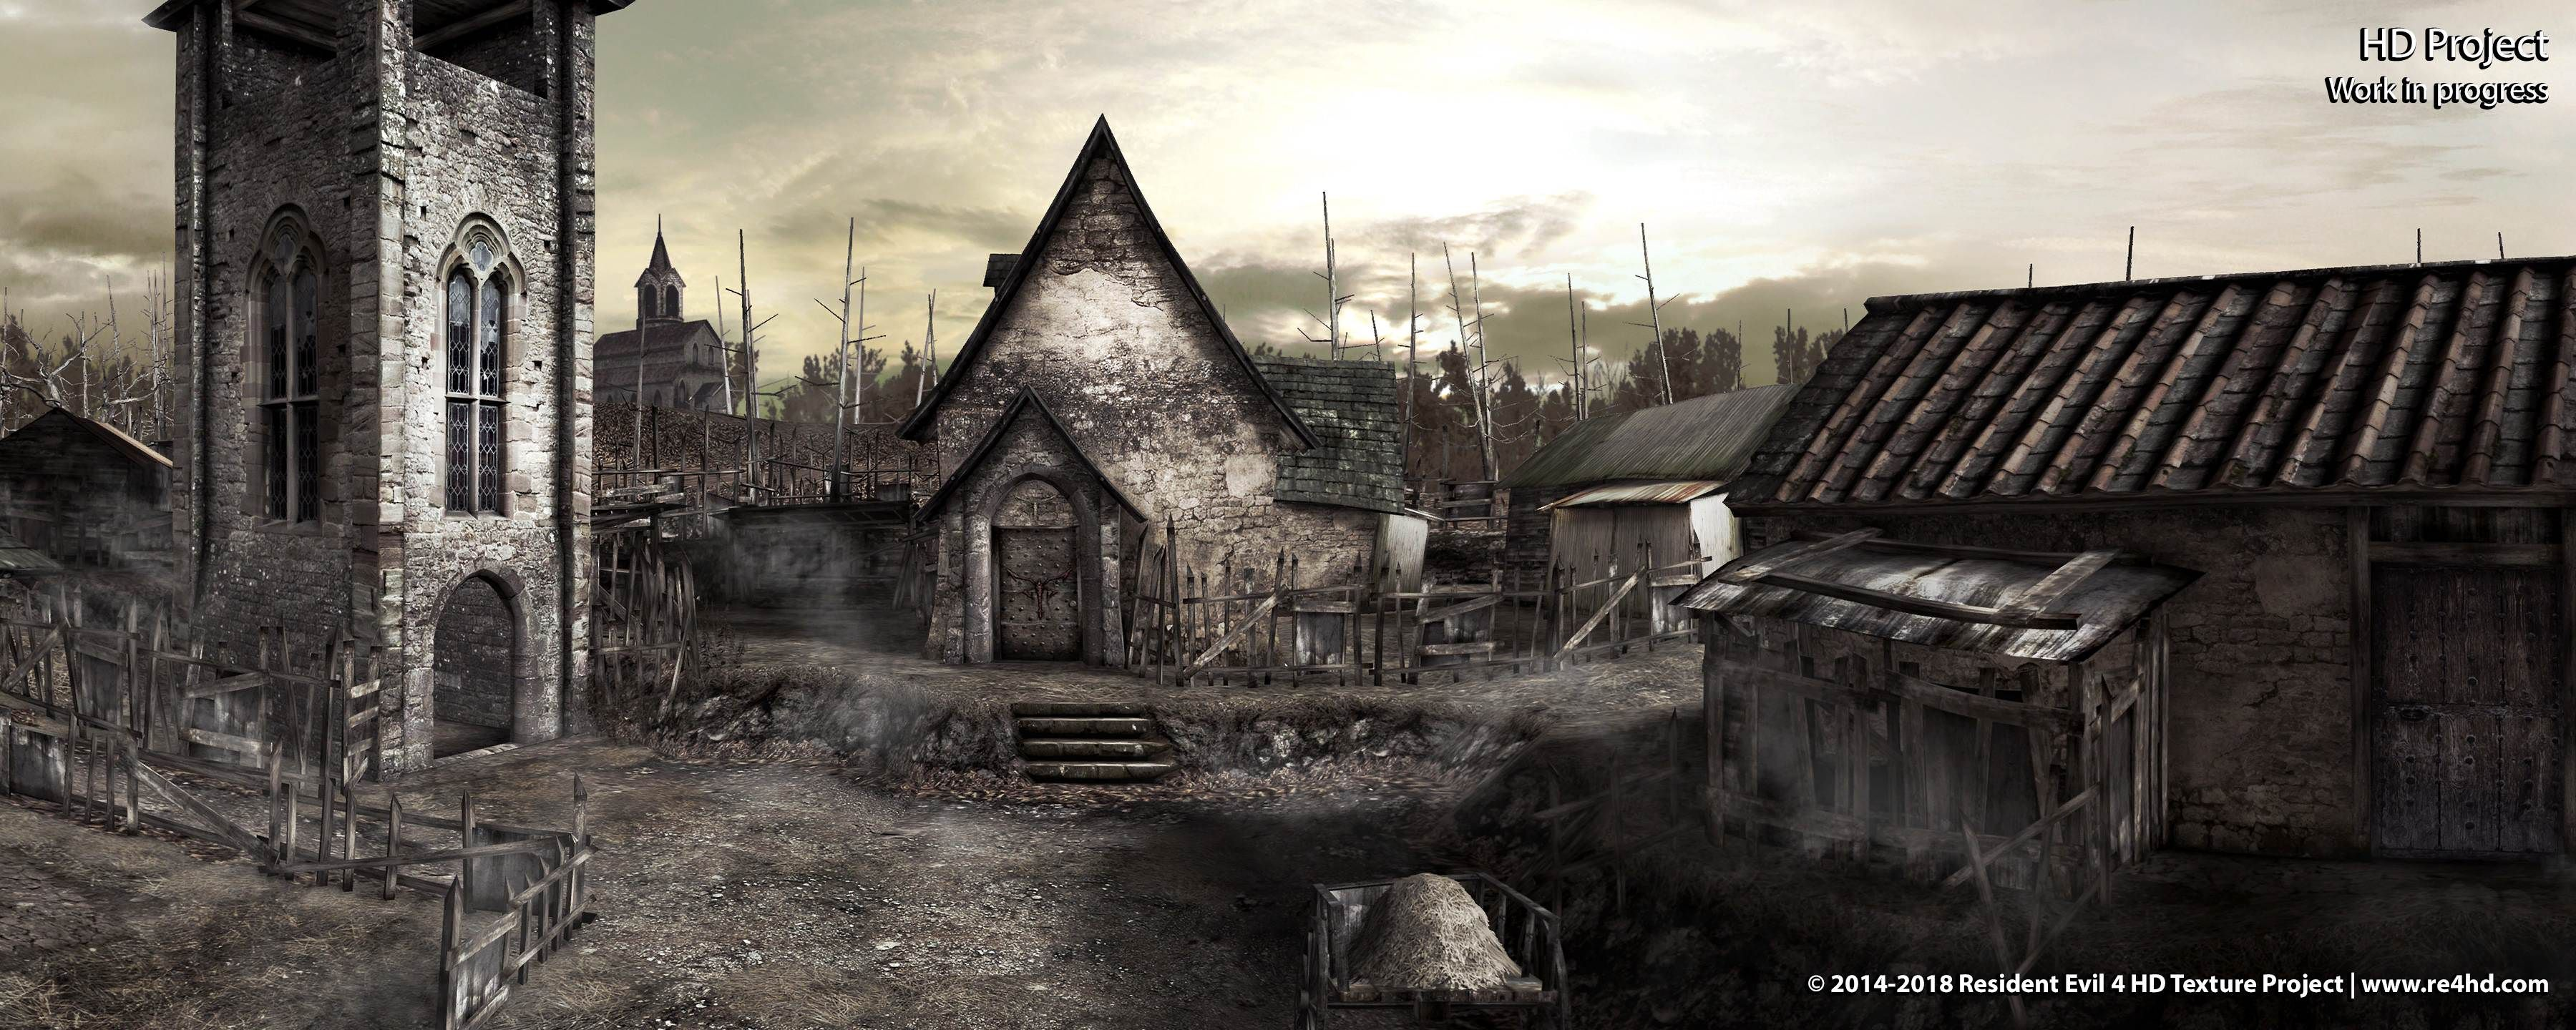 Resident Evil 4 Hd Project Paisagem Fantasia Resident Evil Papel De Parede Celular